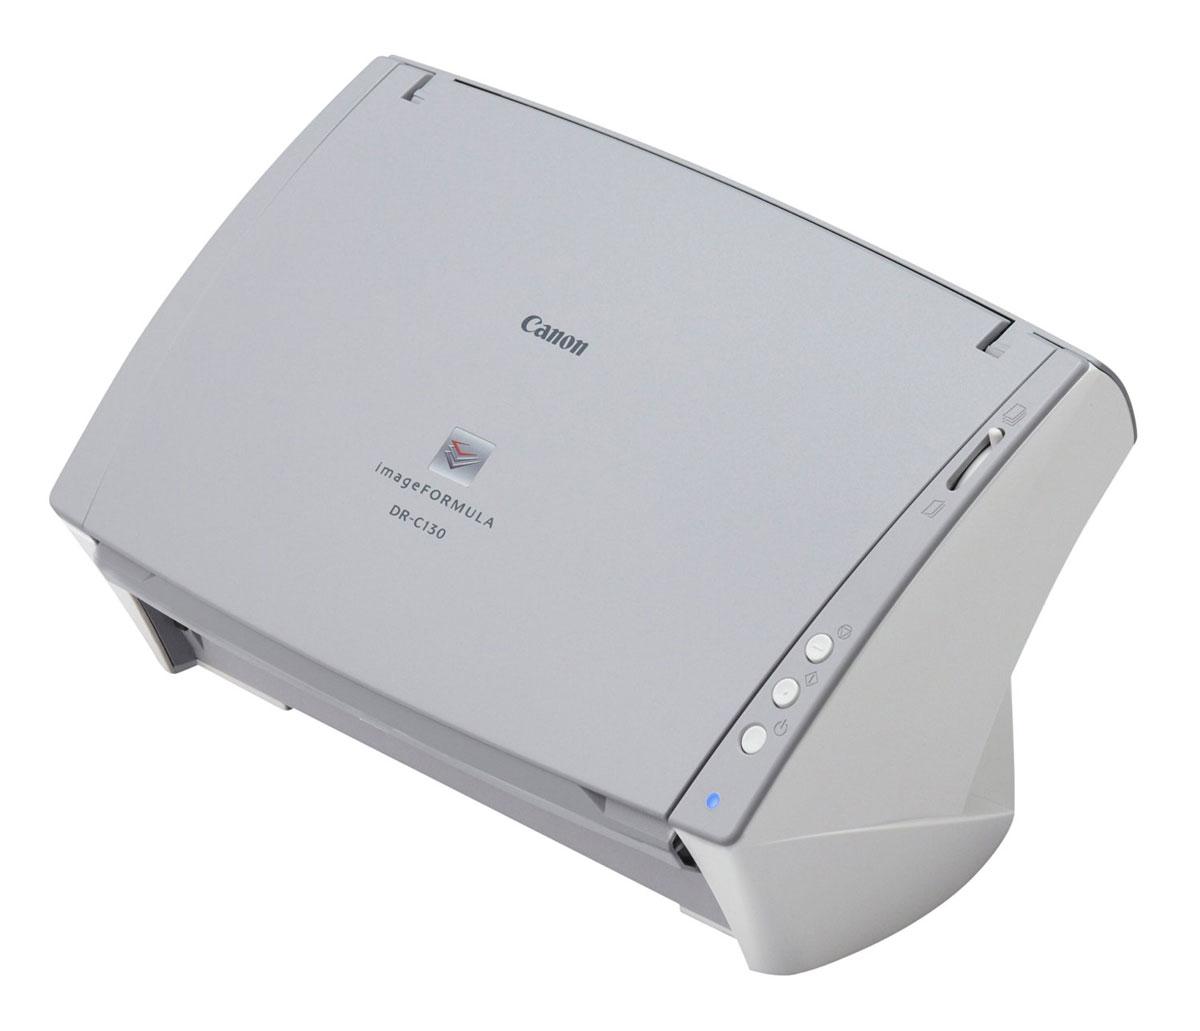 Canon DR-C130 (6583B003) сканер - Офисная техника